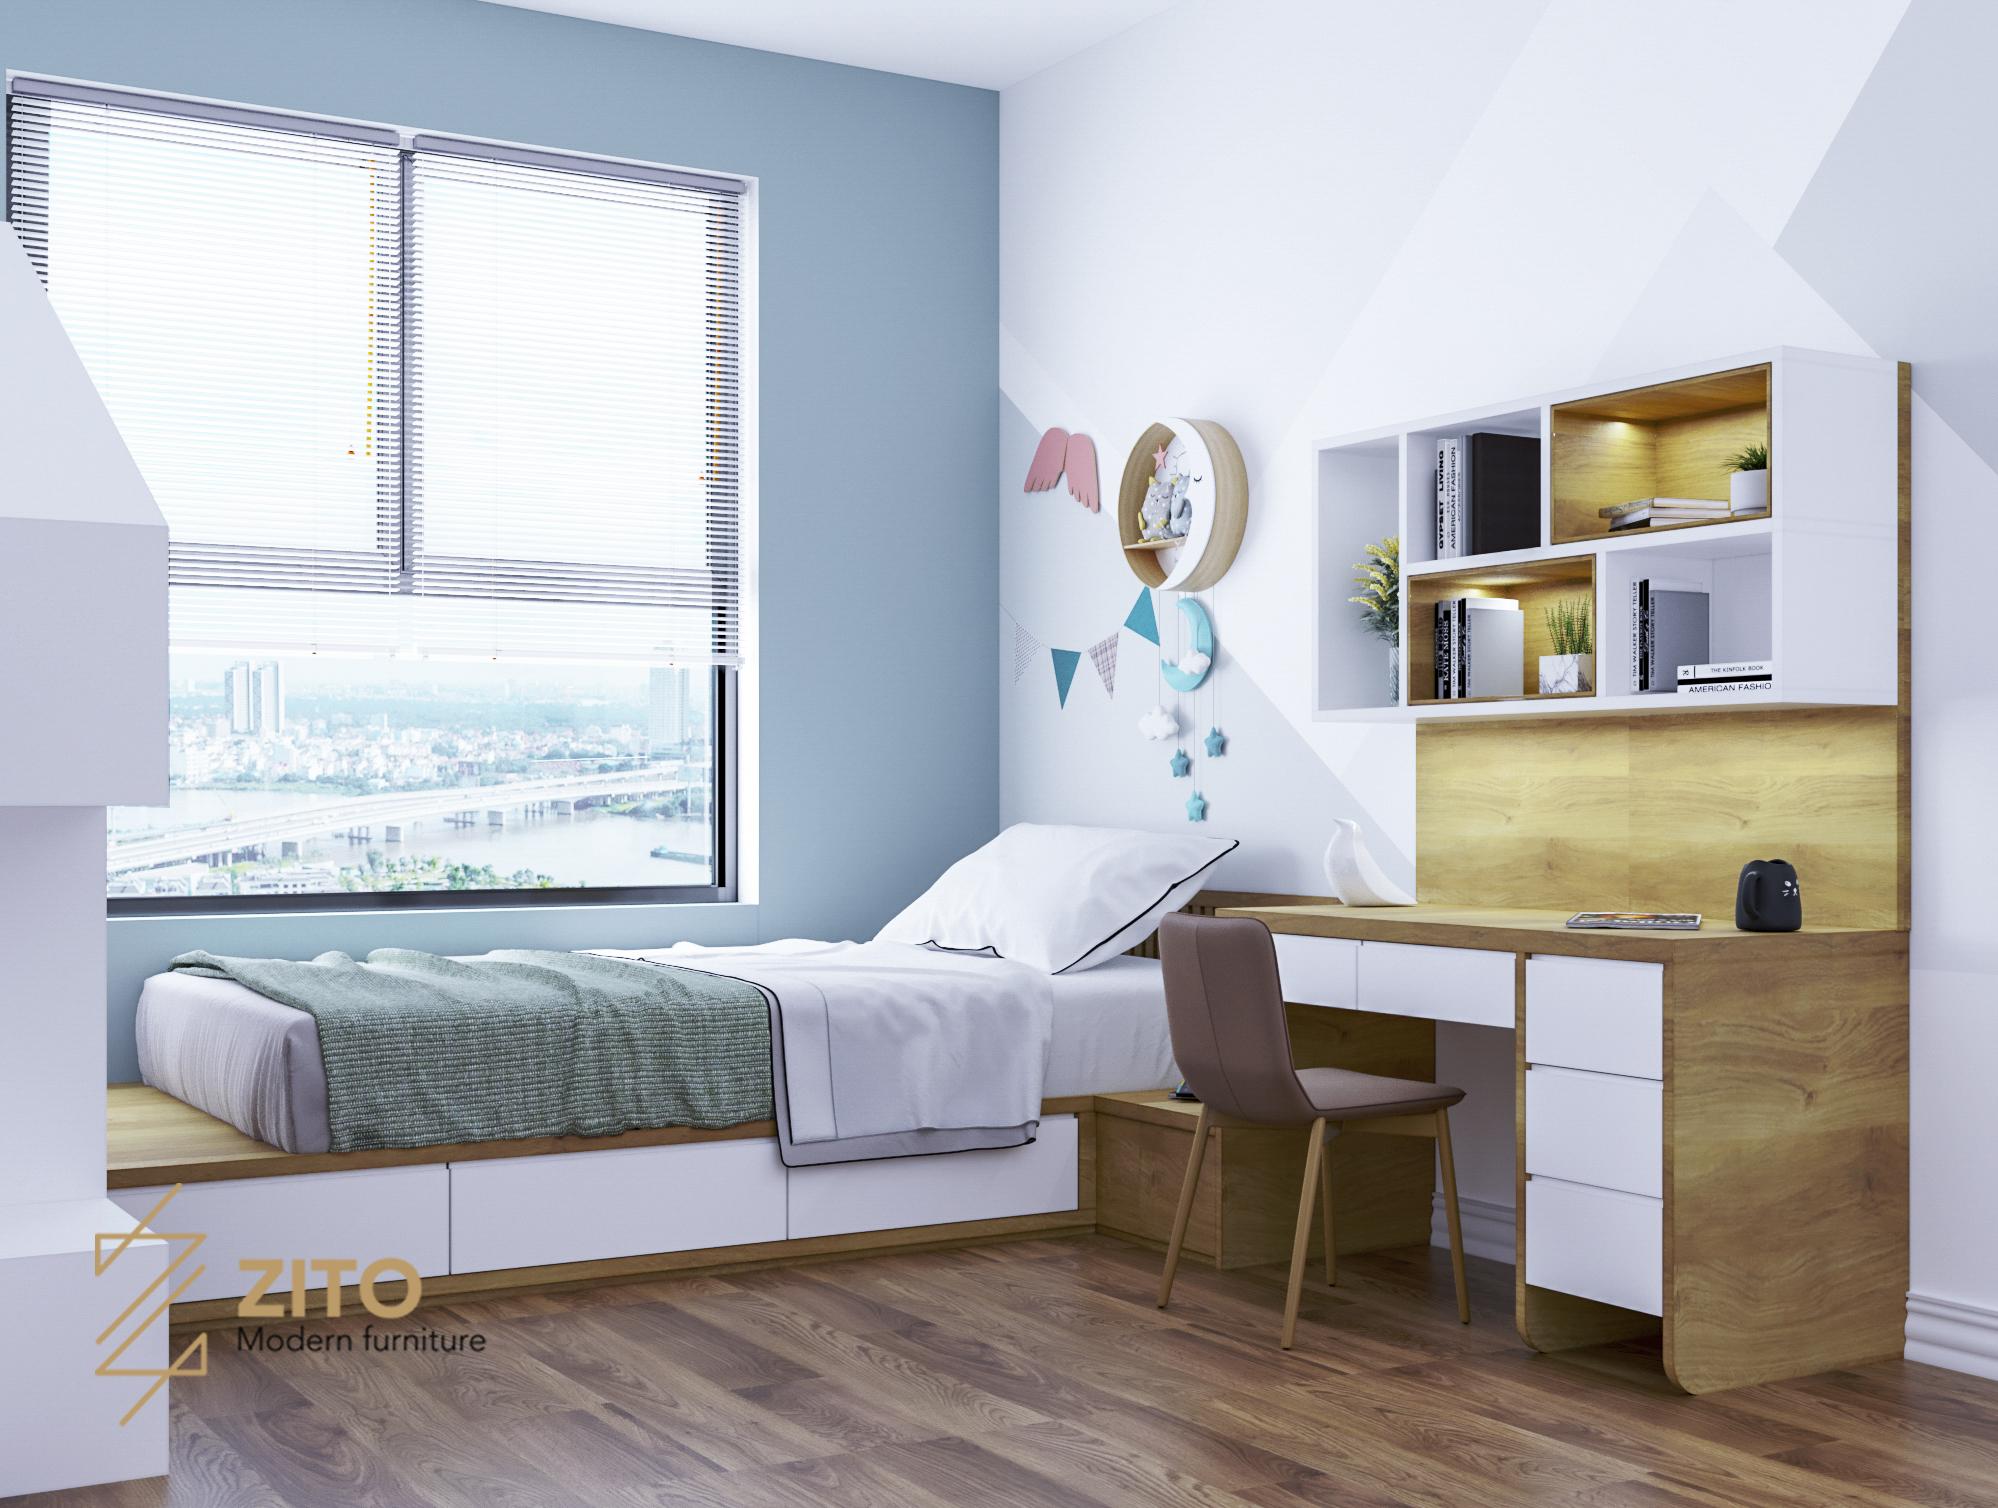 nội thất phòng ngủ diện tích nhỏ